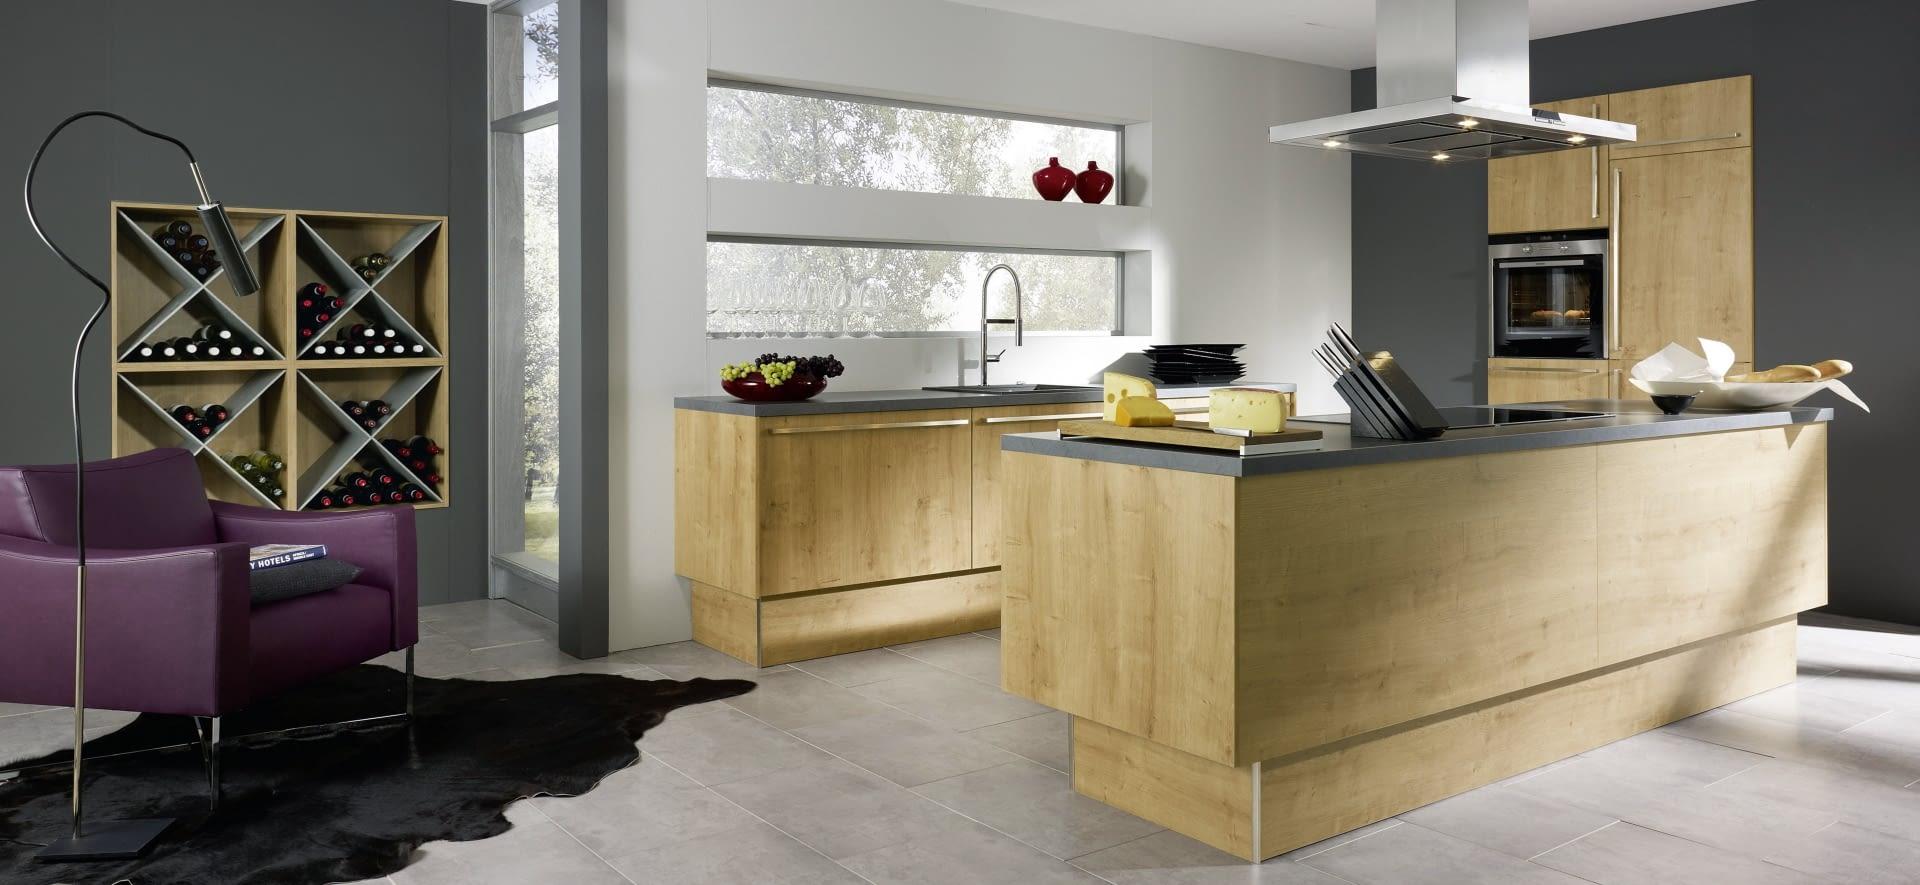 Küche 2 Zeilen : 2 zeilen in manhattan chalet eiche mit cemento molino ~ Orissabook.com Haus und Dekorationen